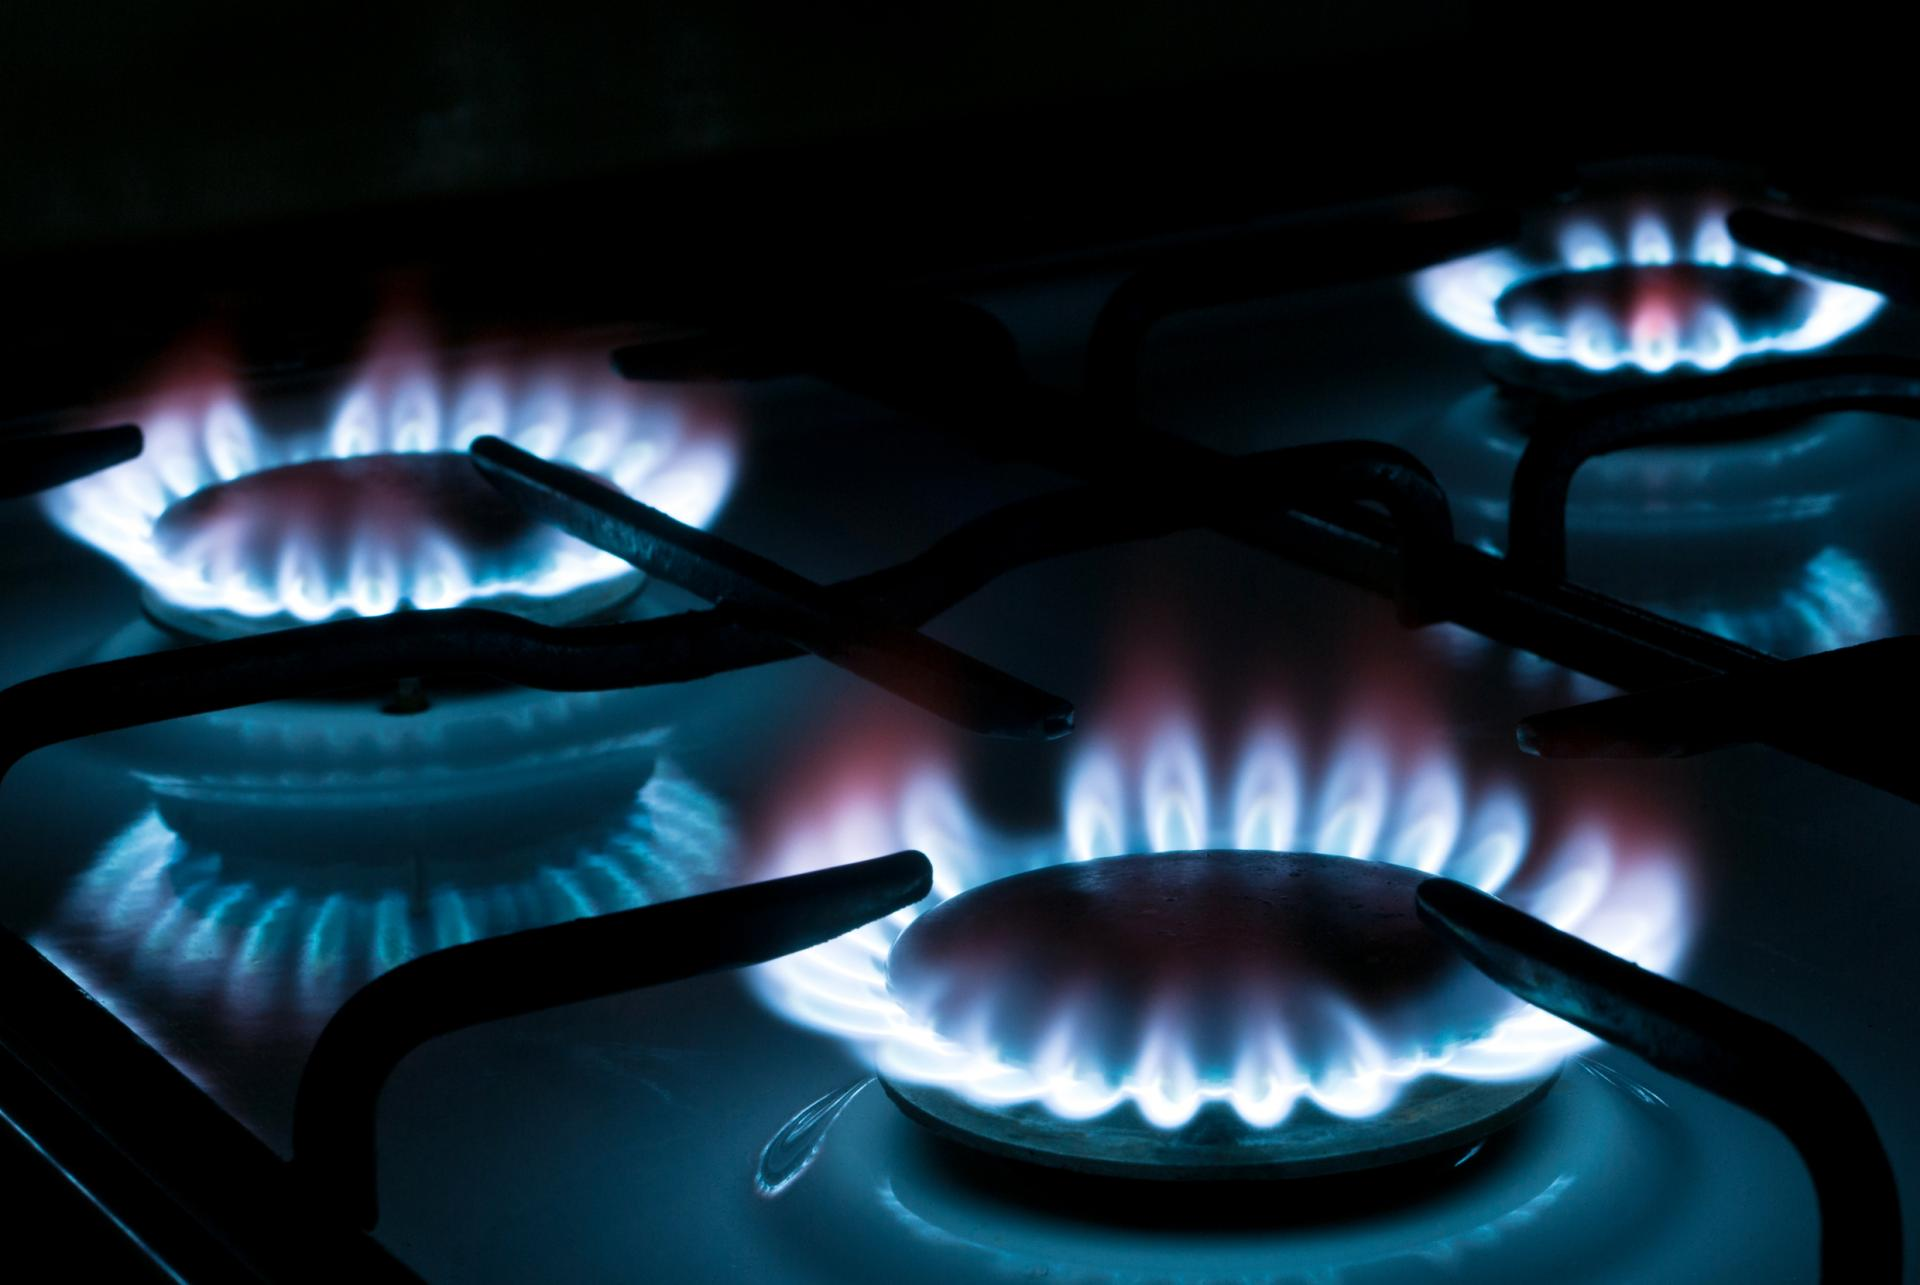 горящая газовая конфорка картинки